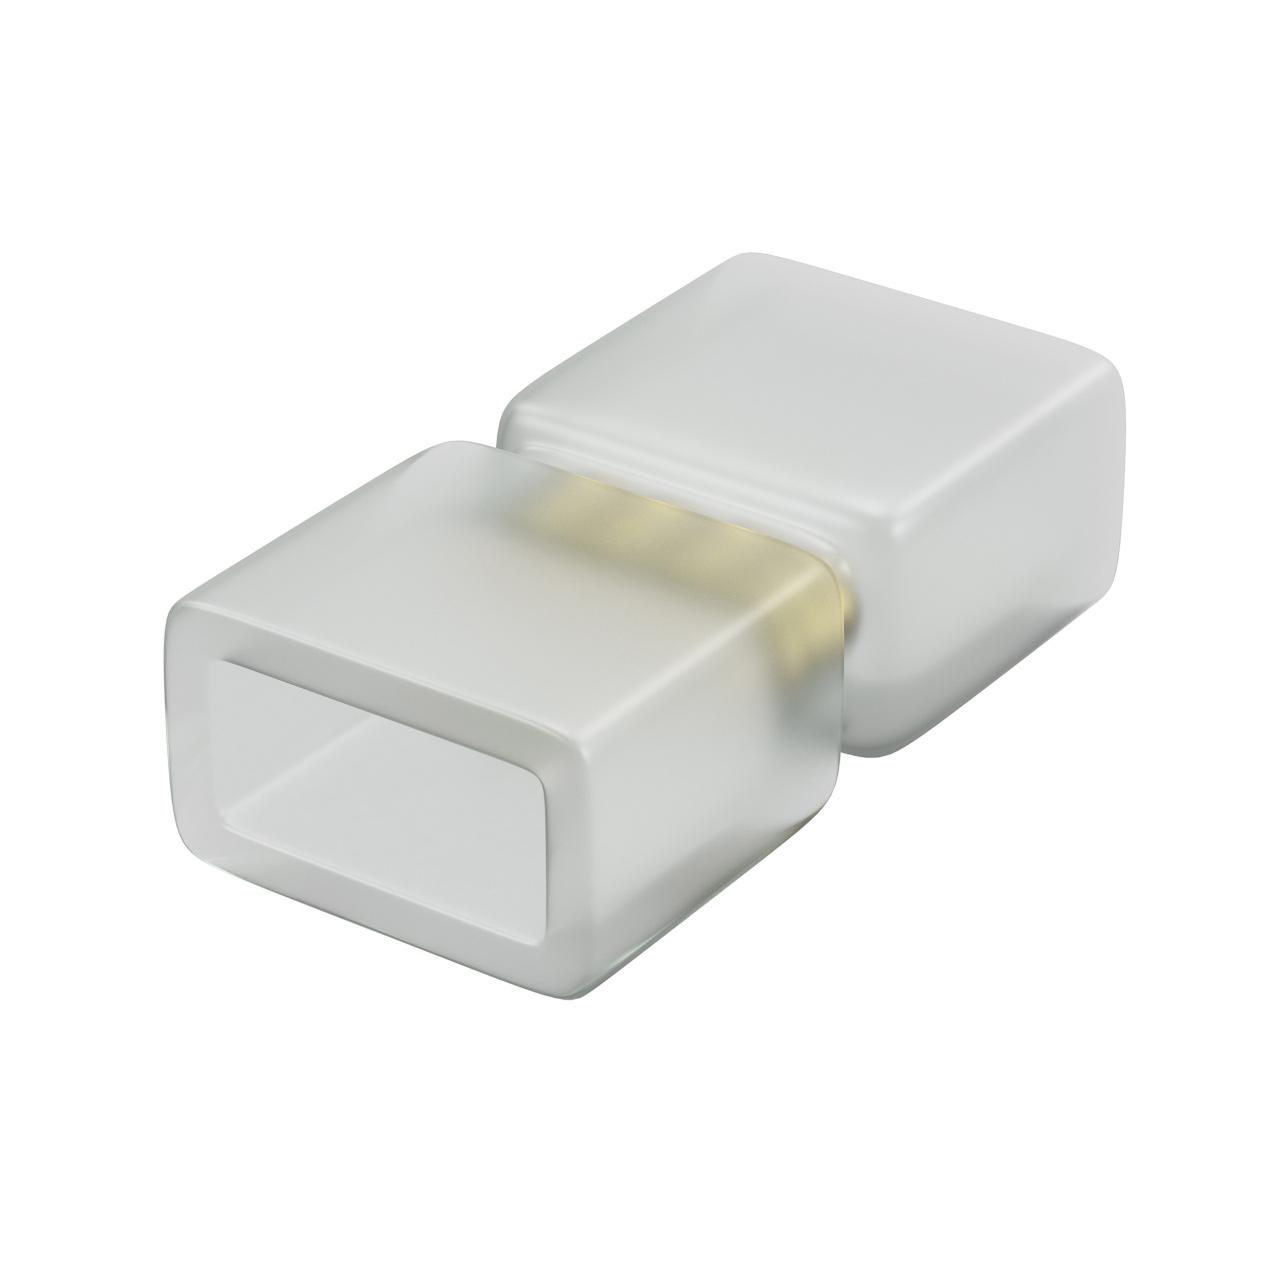 Соединитель для ленты 220 вольт 5050/60P LED 40205Х (лента-лента) Lightstar 408951